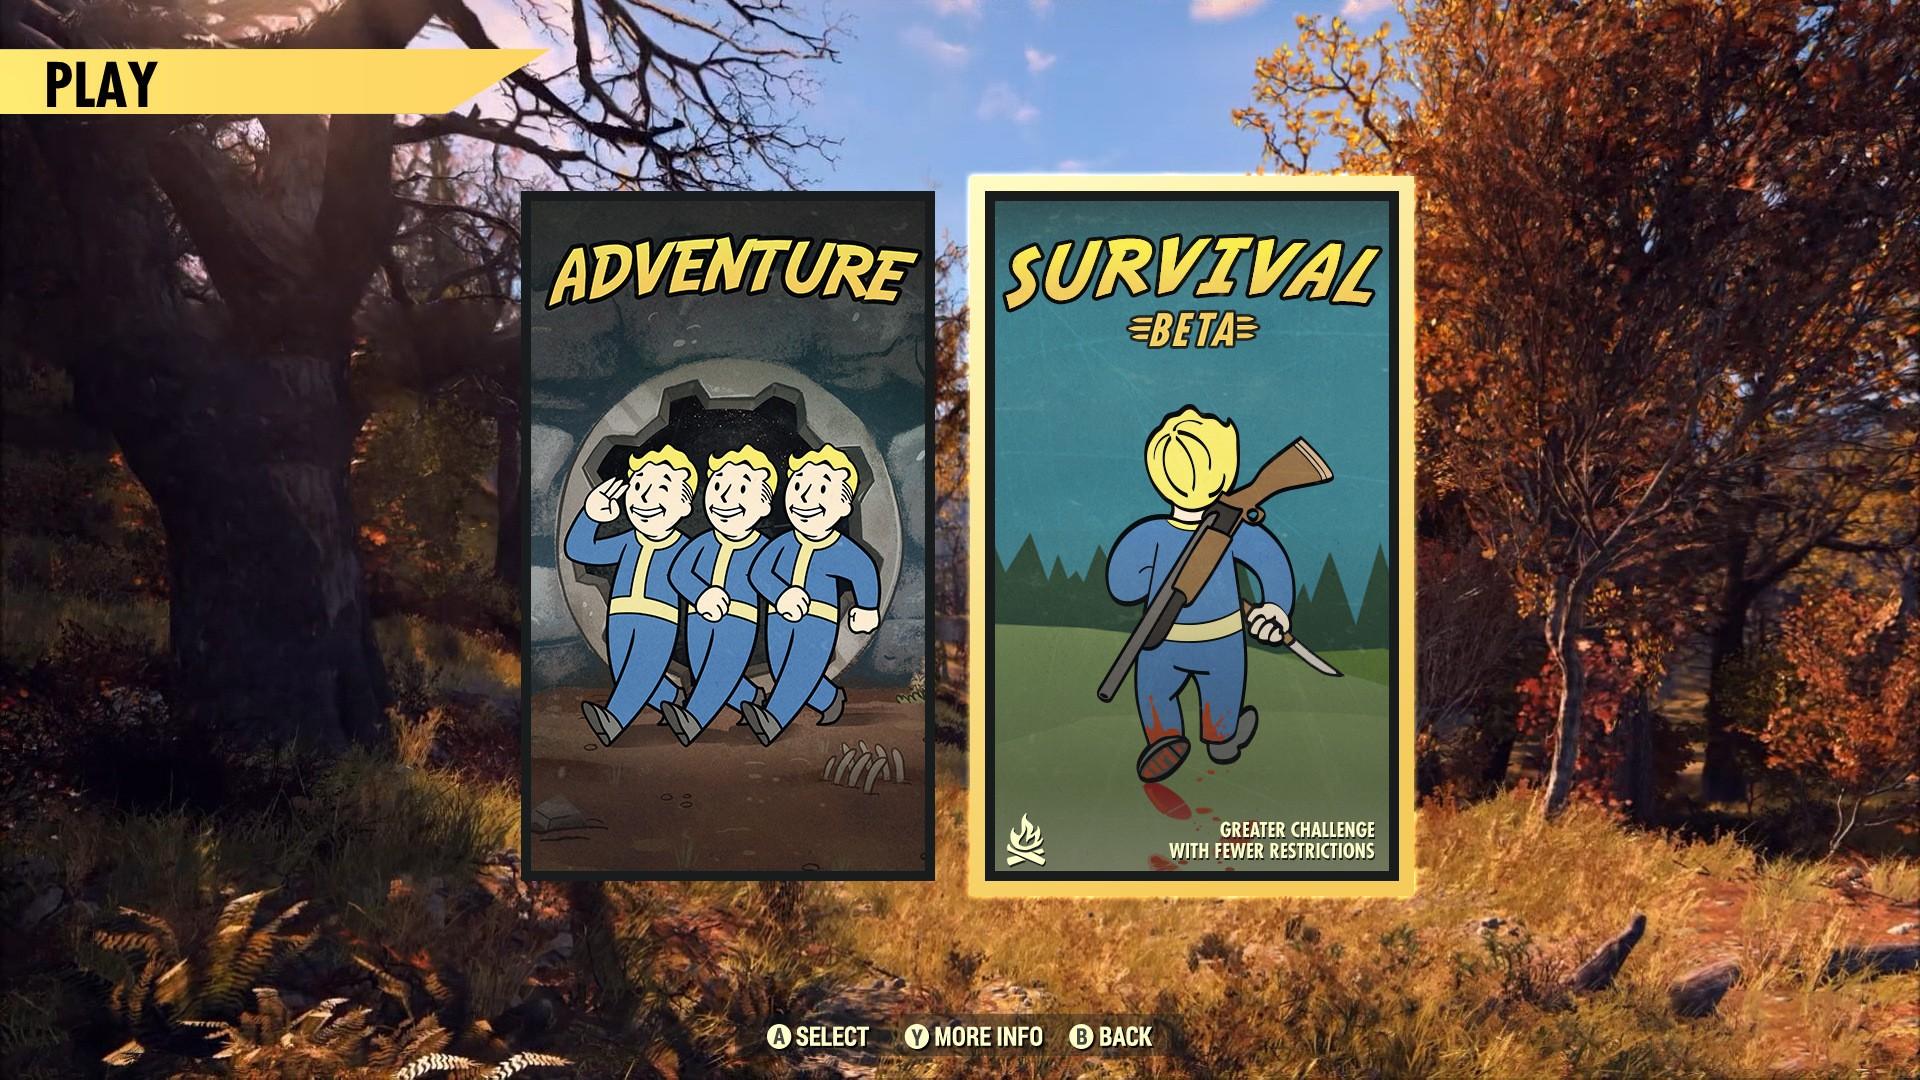 Bethesda переосмыслила механику PVP в Fallout 76 и решила порадовать оставшихся игроков новым игровым режимом «Выживание», который будет альтернативой стандартному режиму «Приключение».